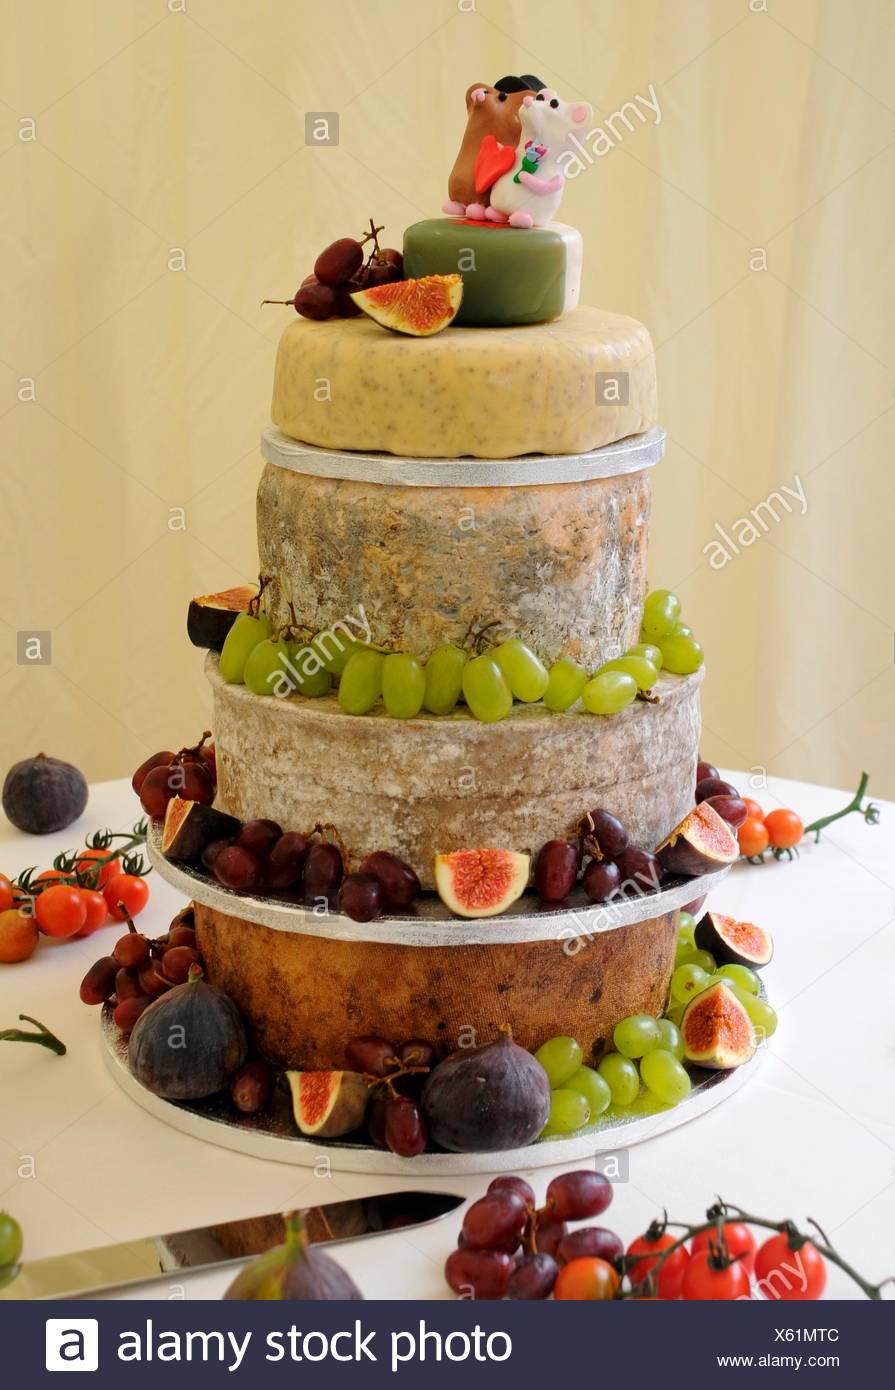 Eine Hochzeitstorte Von Kase Mit Obst Stockfoto Bild 279092140 Alamy